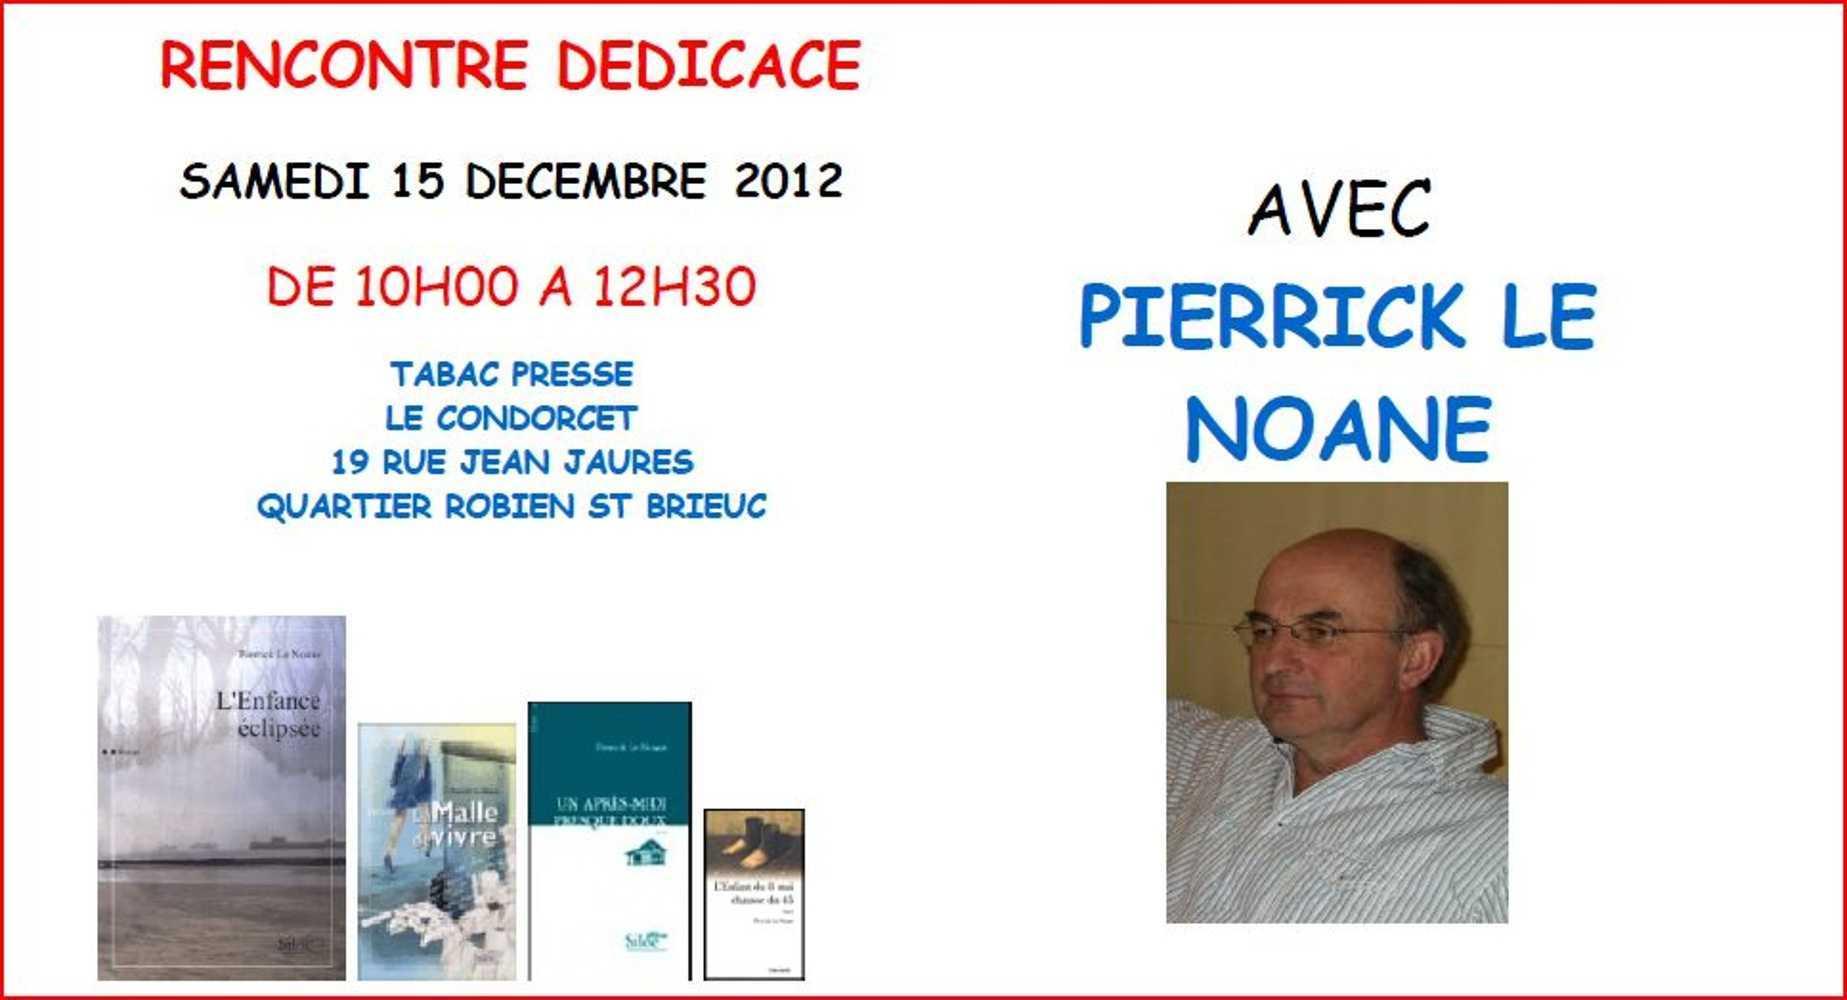 Dédicace au Condorcet samedi 15 décembre 0